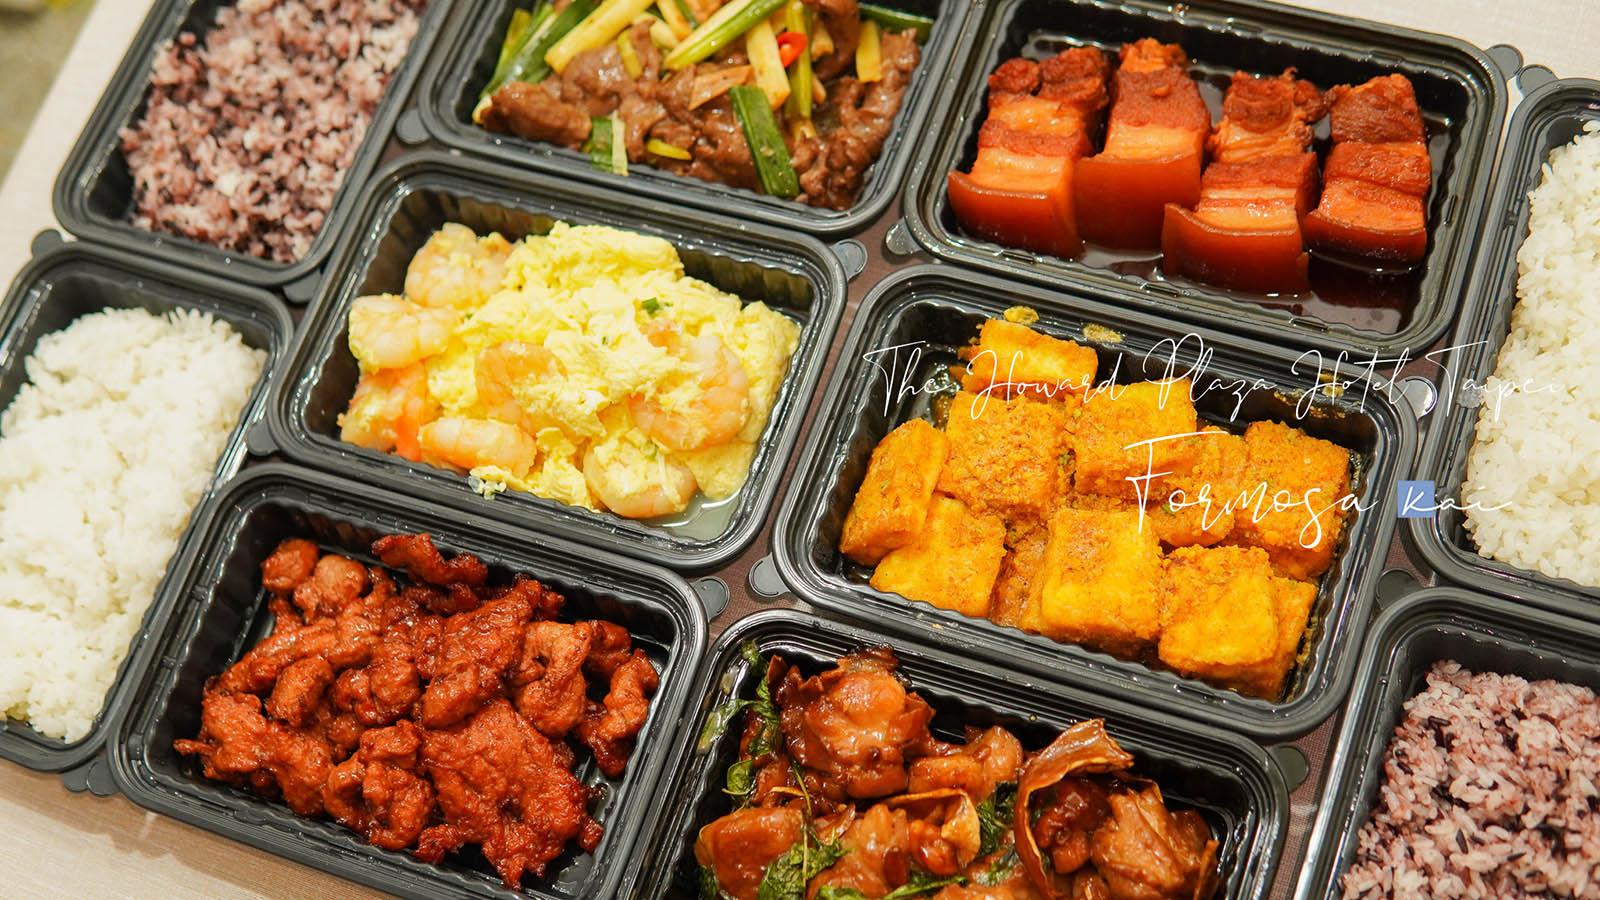 ☆【台北|大安站】福華飯店蓬萊邨。經典台菜美食在家享用 @凱的日本食尚日記